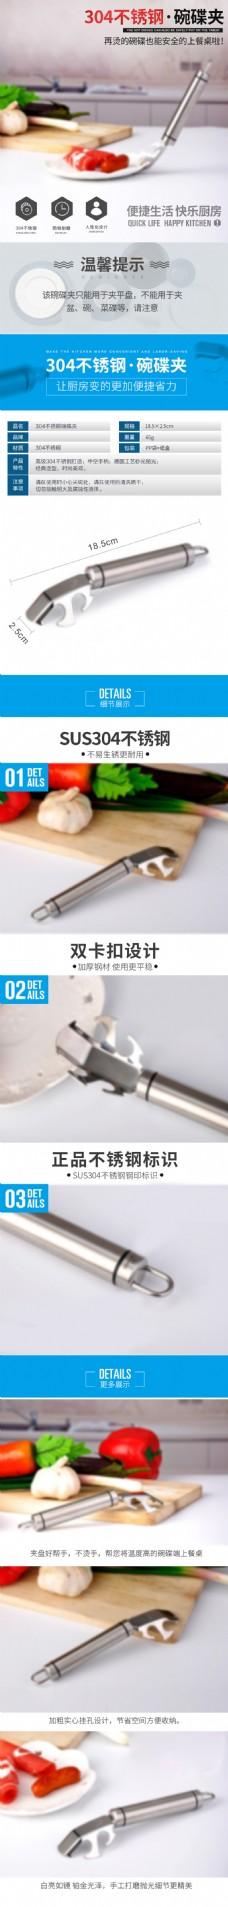 浅色系韩版简约餐具百货天猫详情页模板